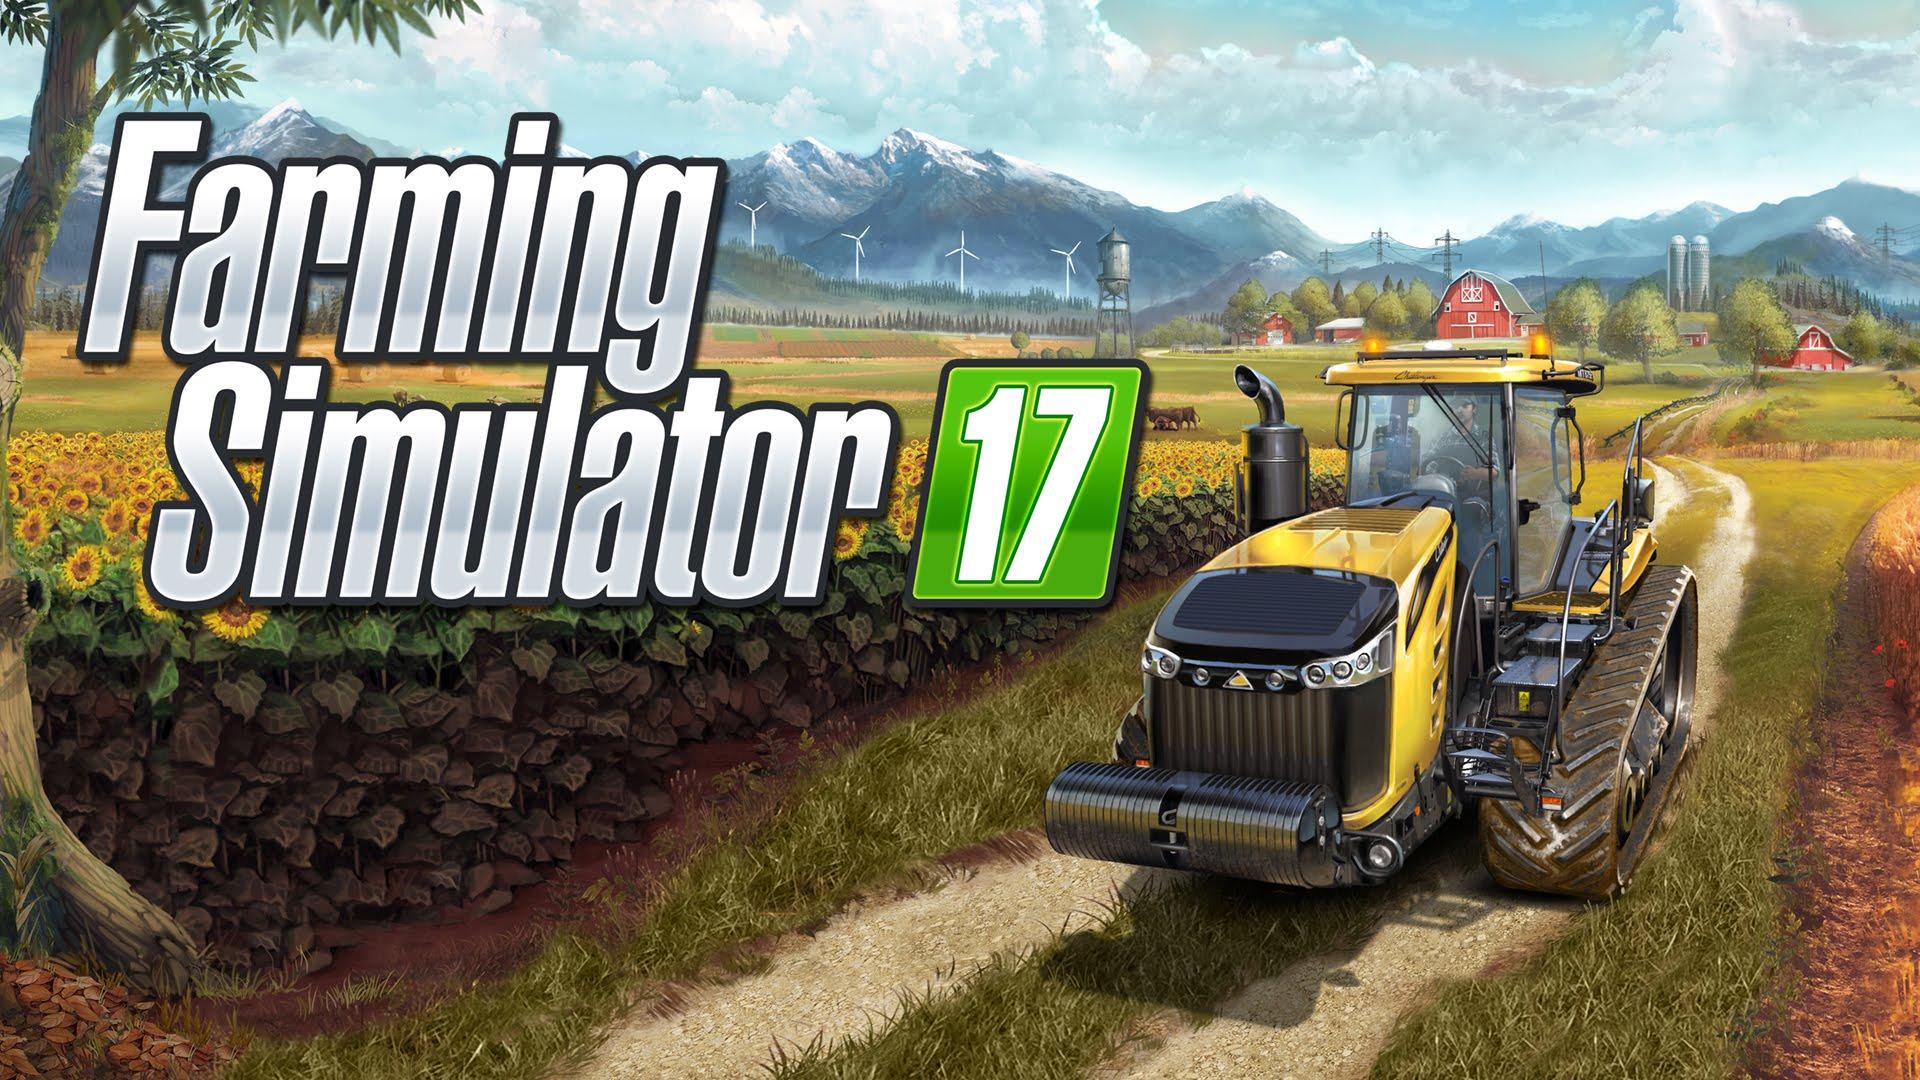 Скачать патч на фермер симулятор 2017 бесплатно